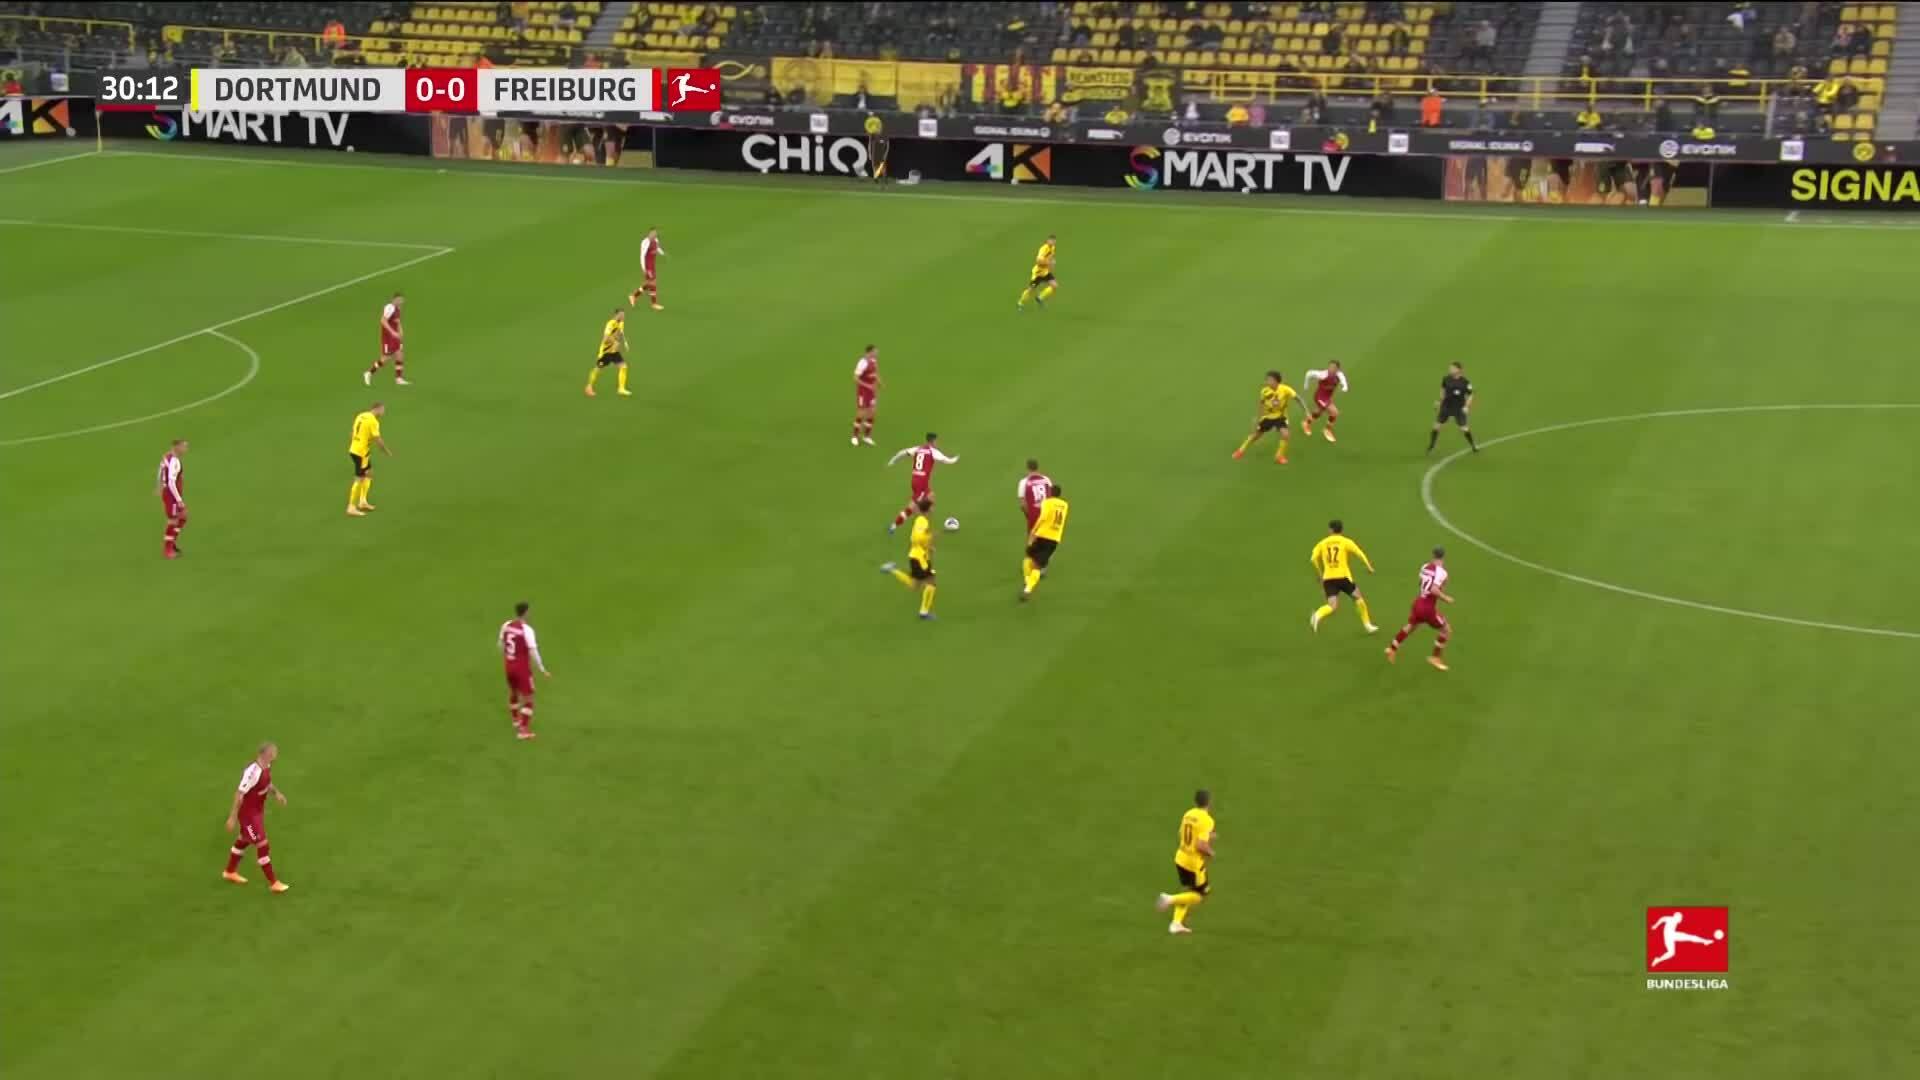 Dortmund 4-0 Freiburg